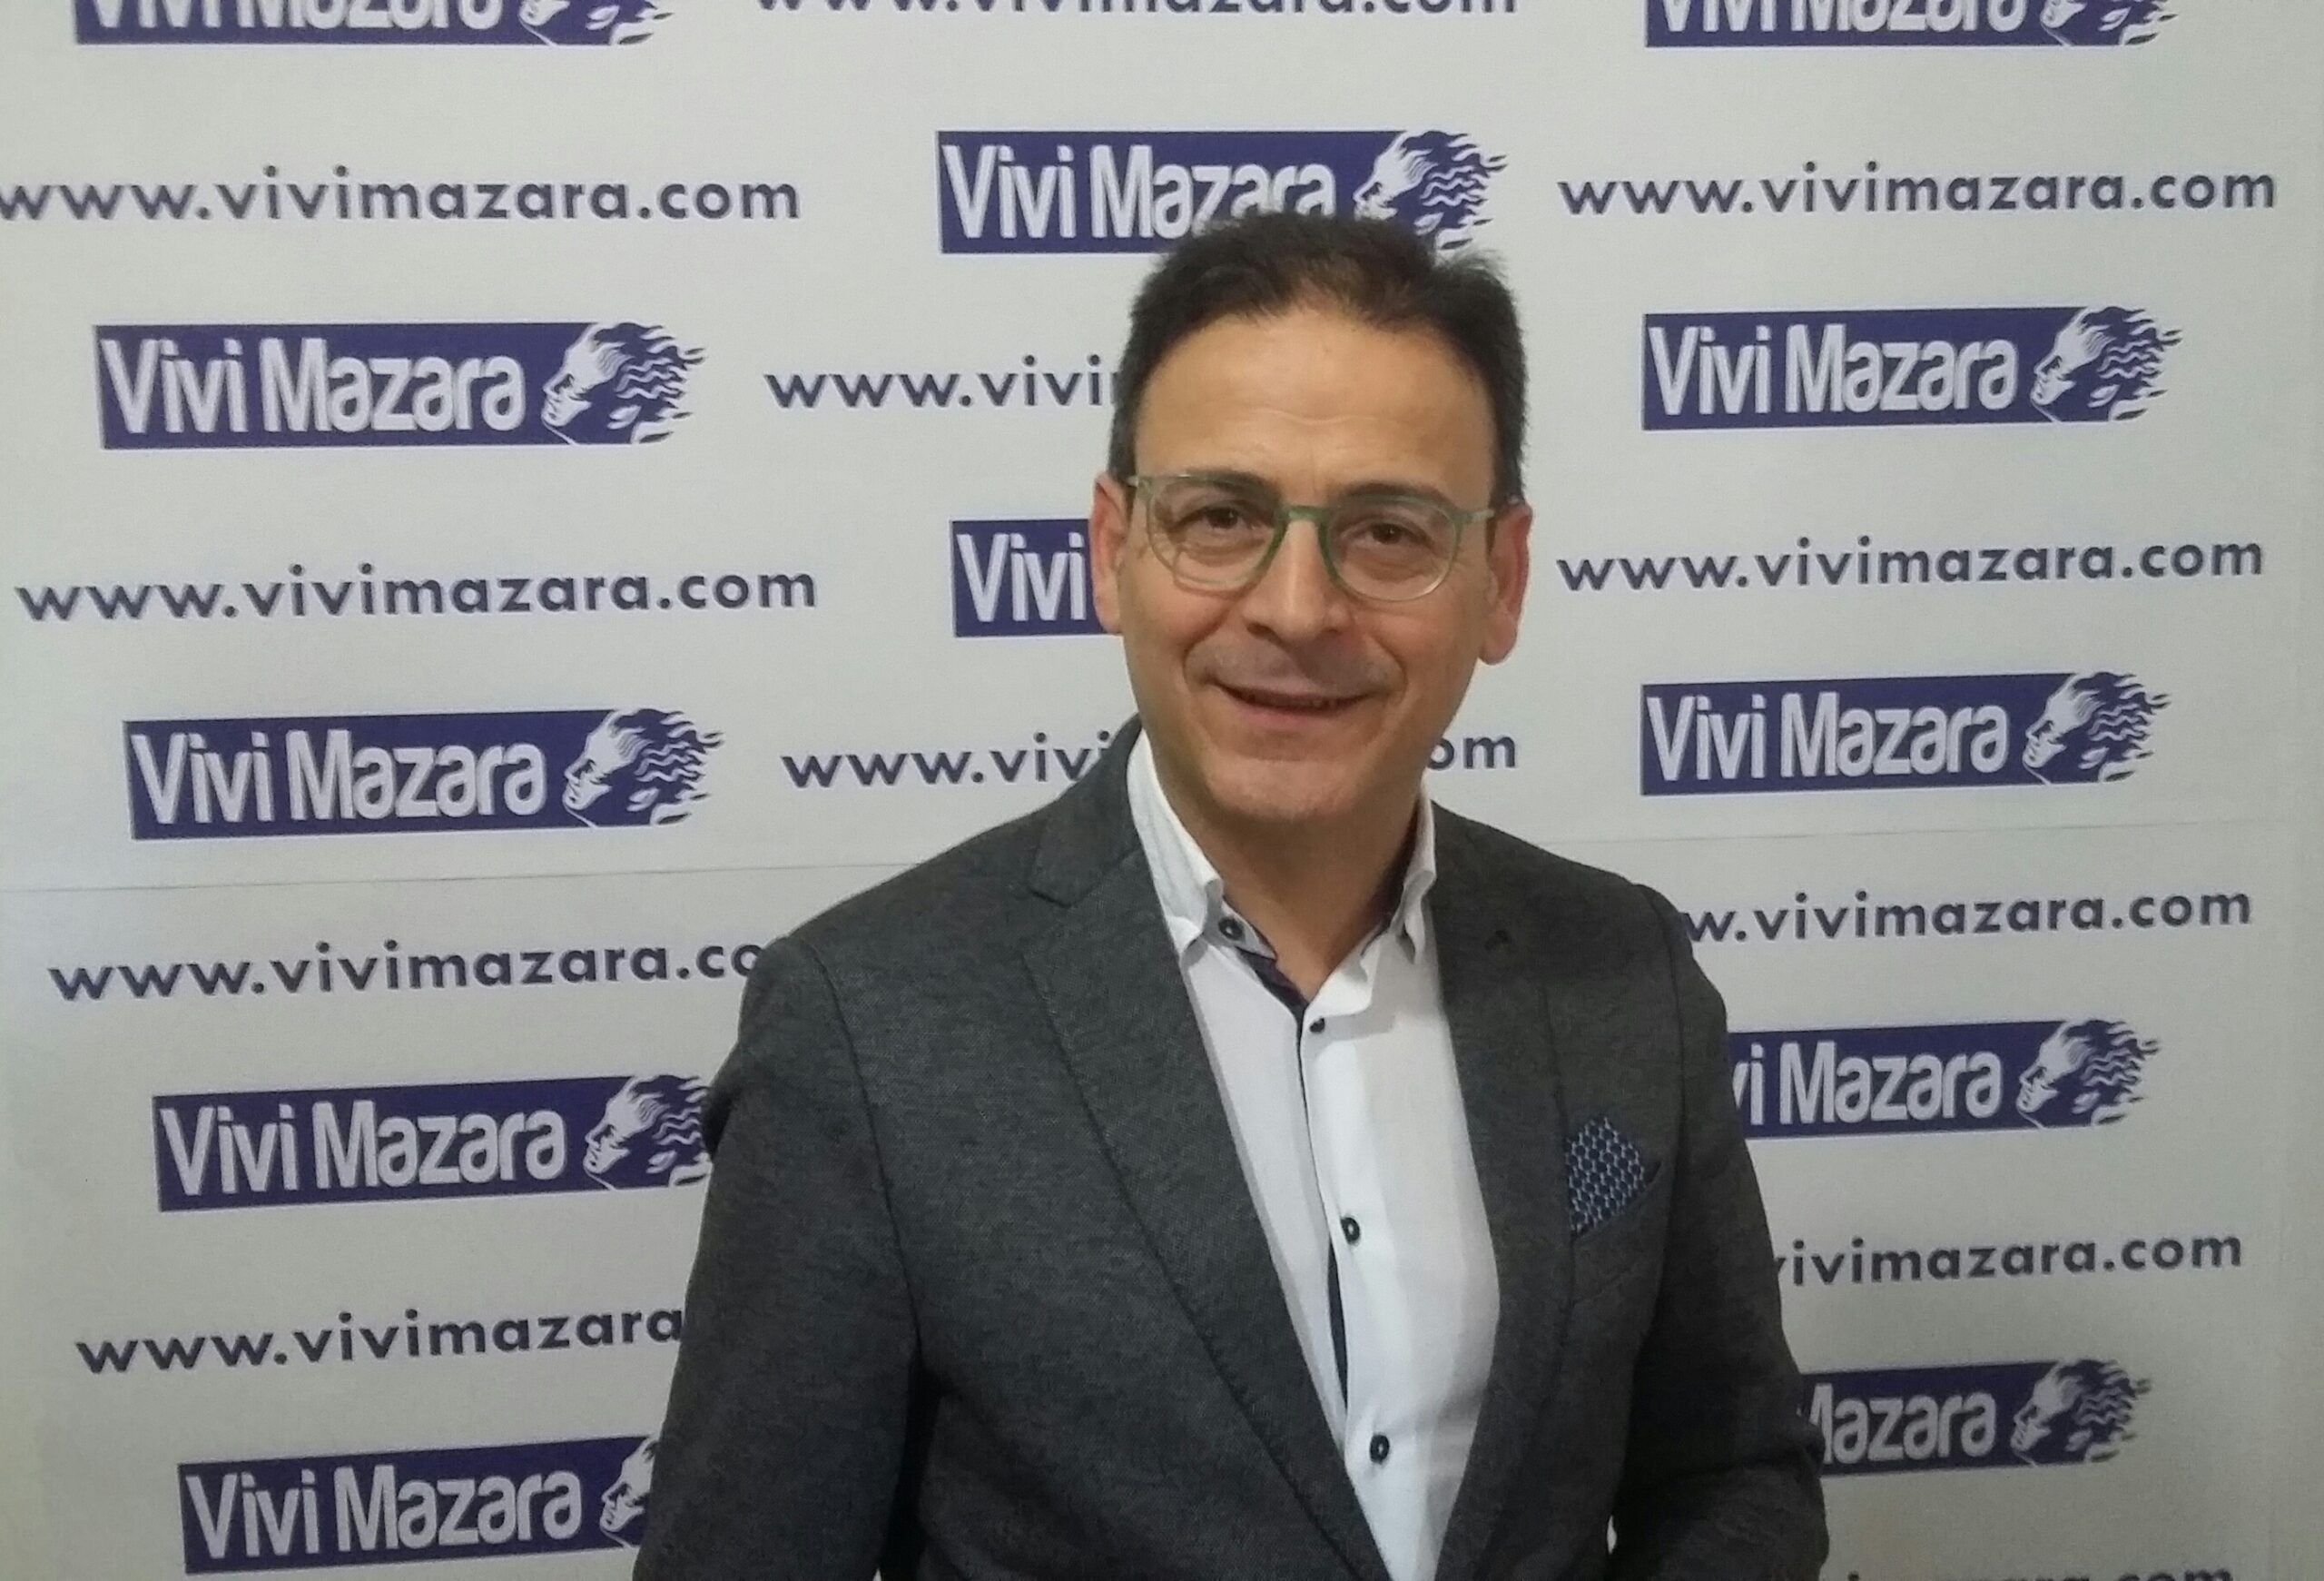 Caso di variante sudafricana a Mazara, dichiarazione del sindaco Quinci